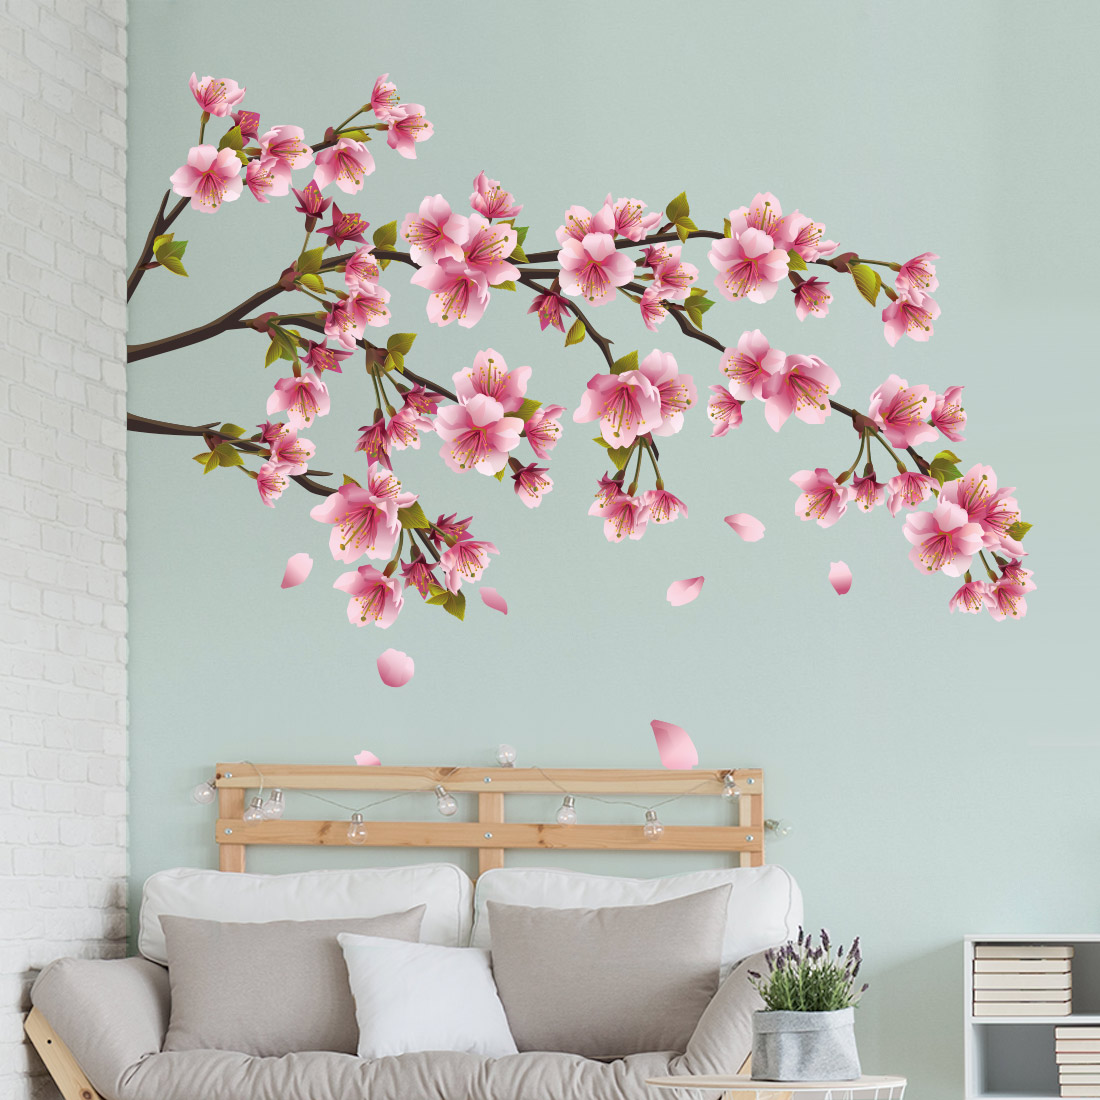 Muursticker bloesemtak met bloemen v a 19 95 gratis for Muurteksten woonkamer